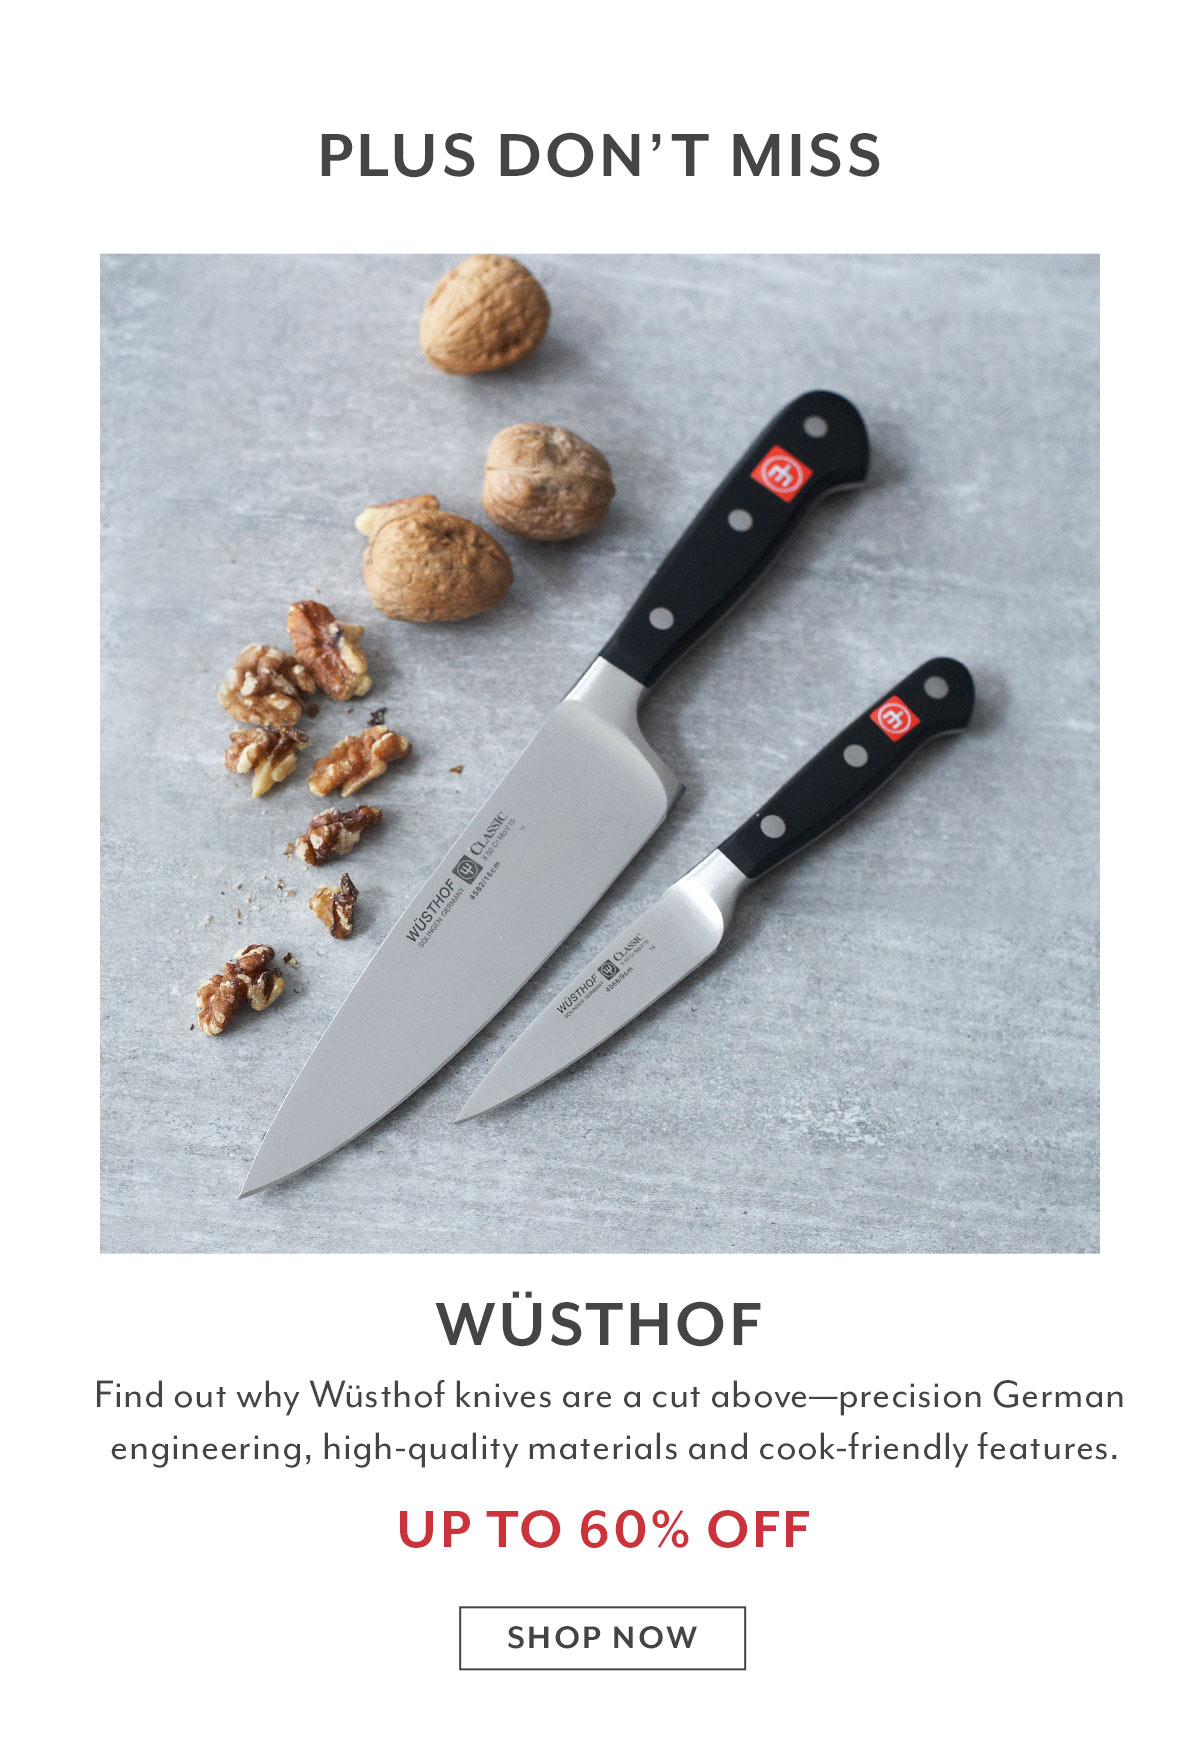 Wusthof